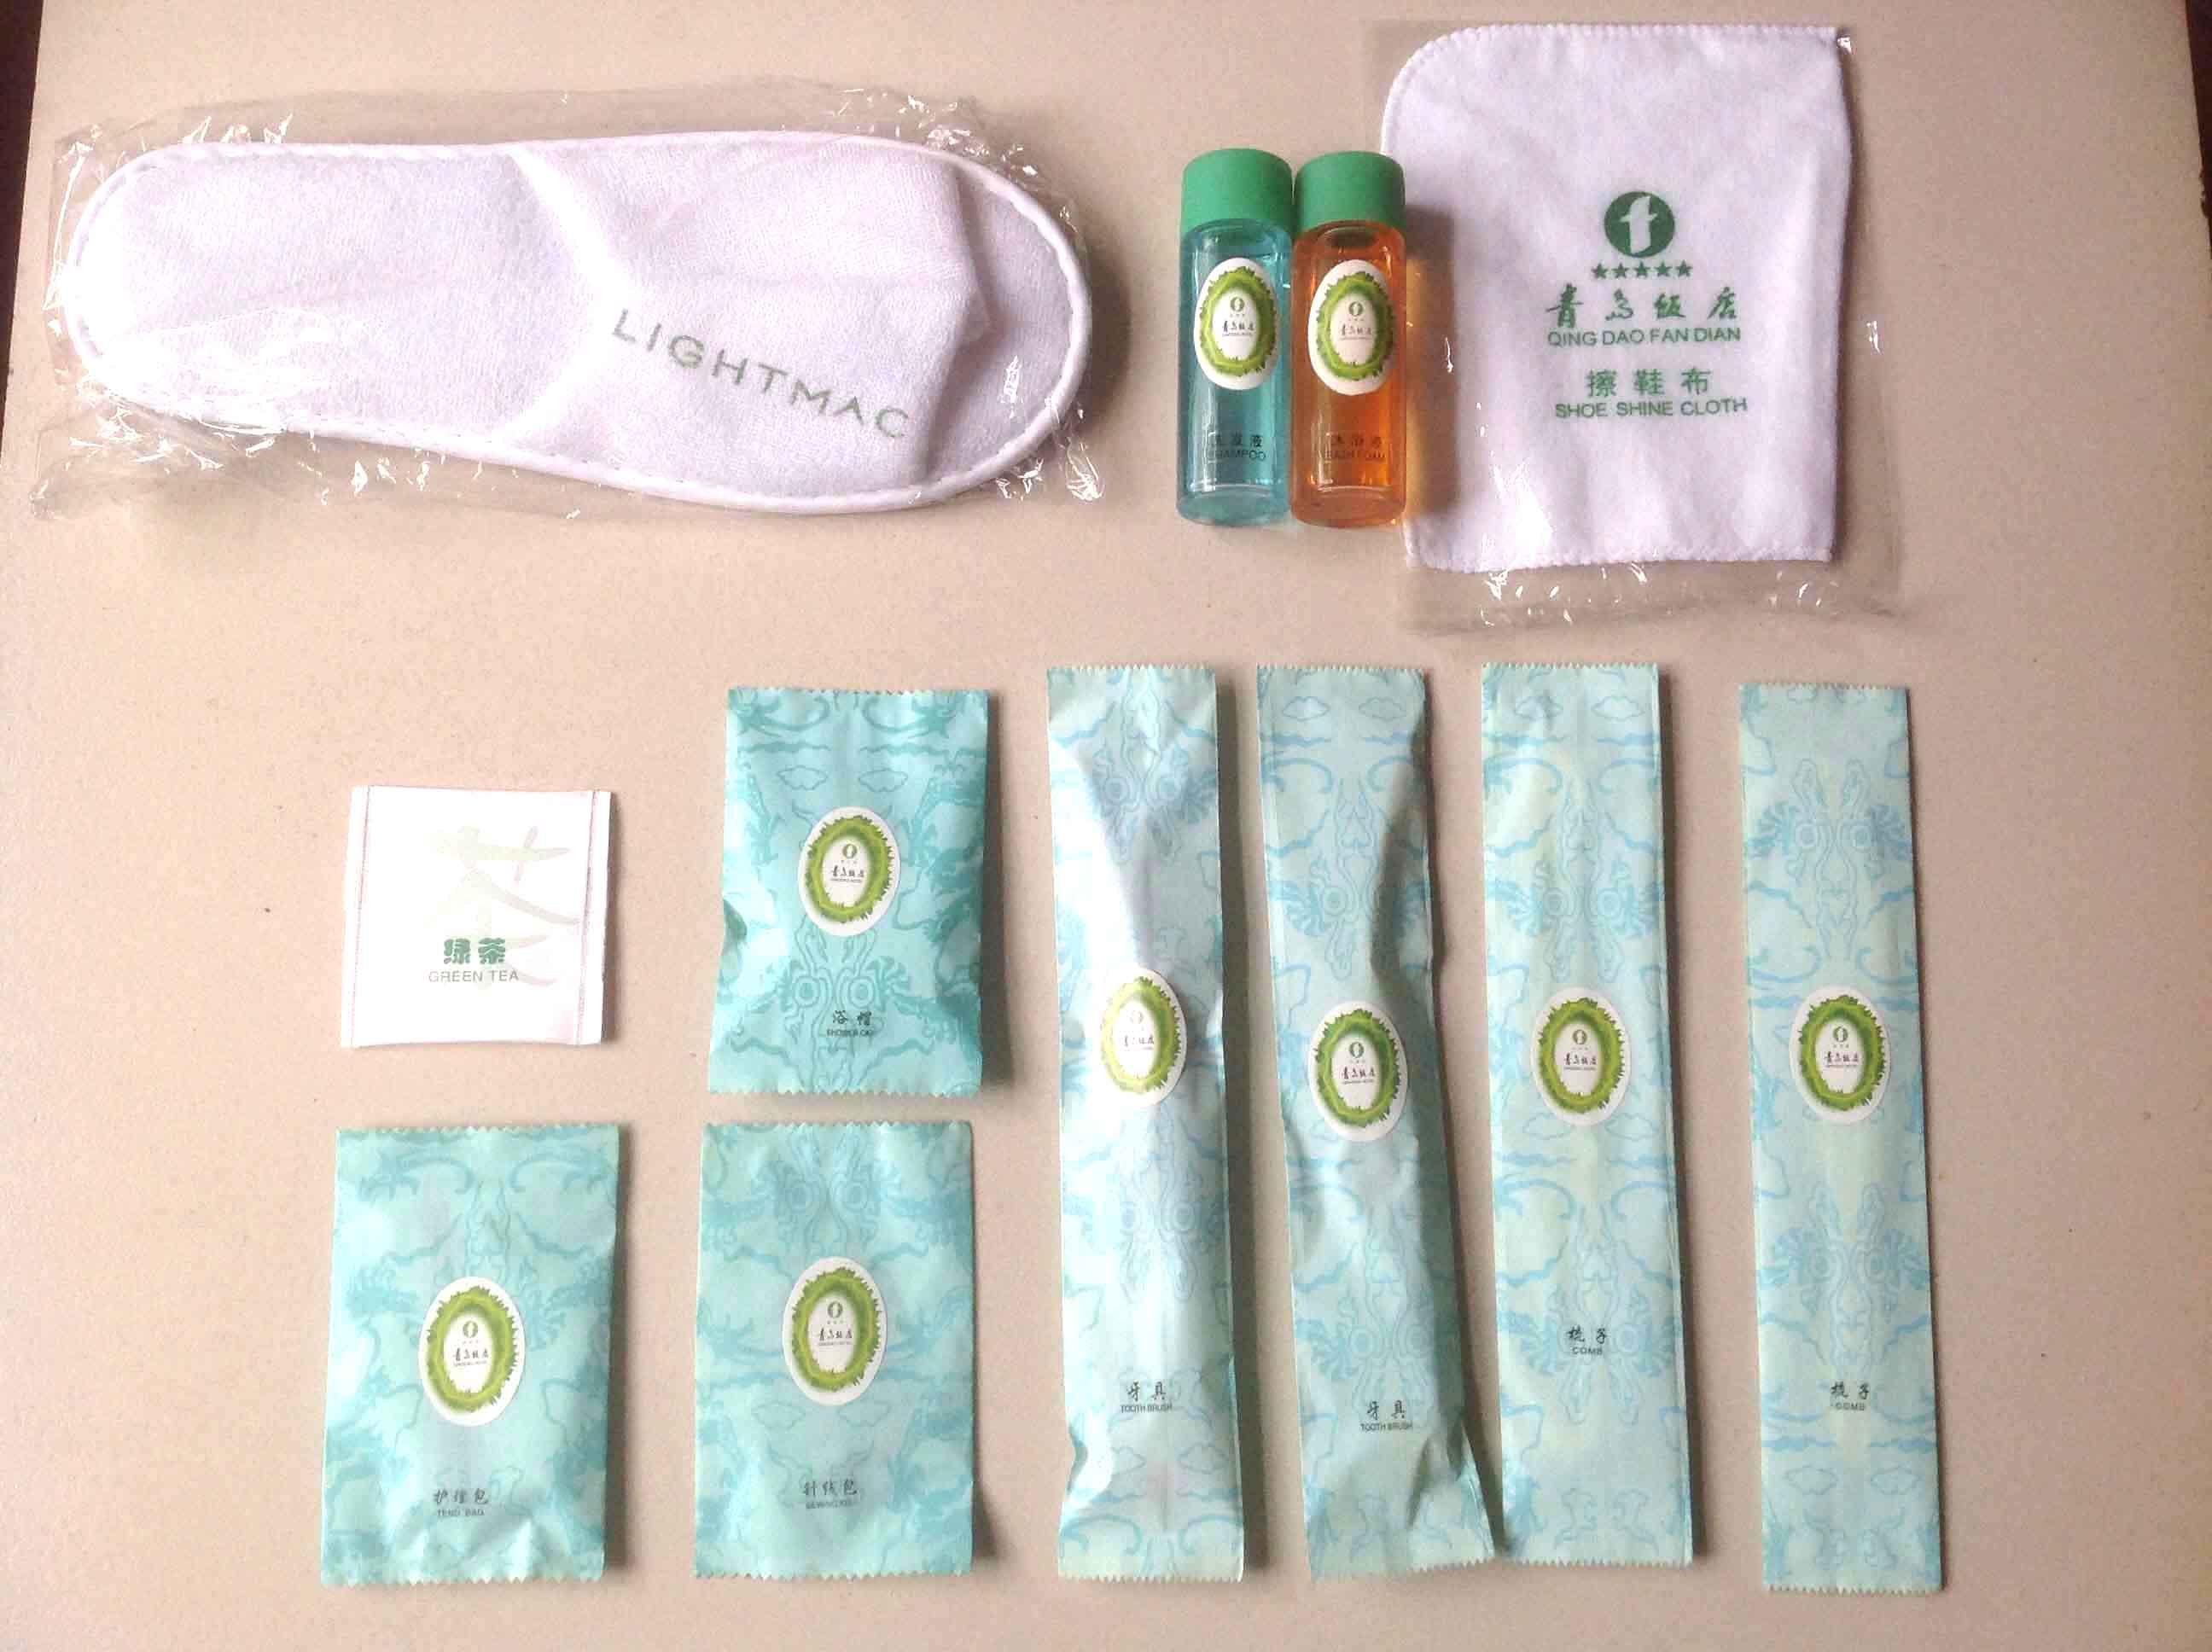 潍坊酒店宾馆客房 一次性用品 批发 牙刷